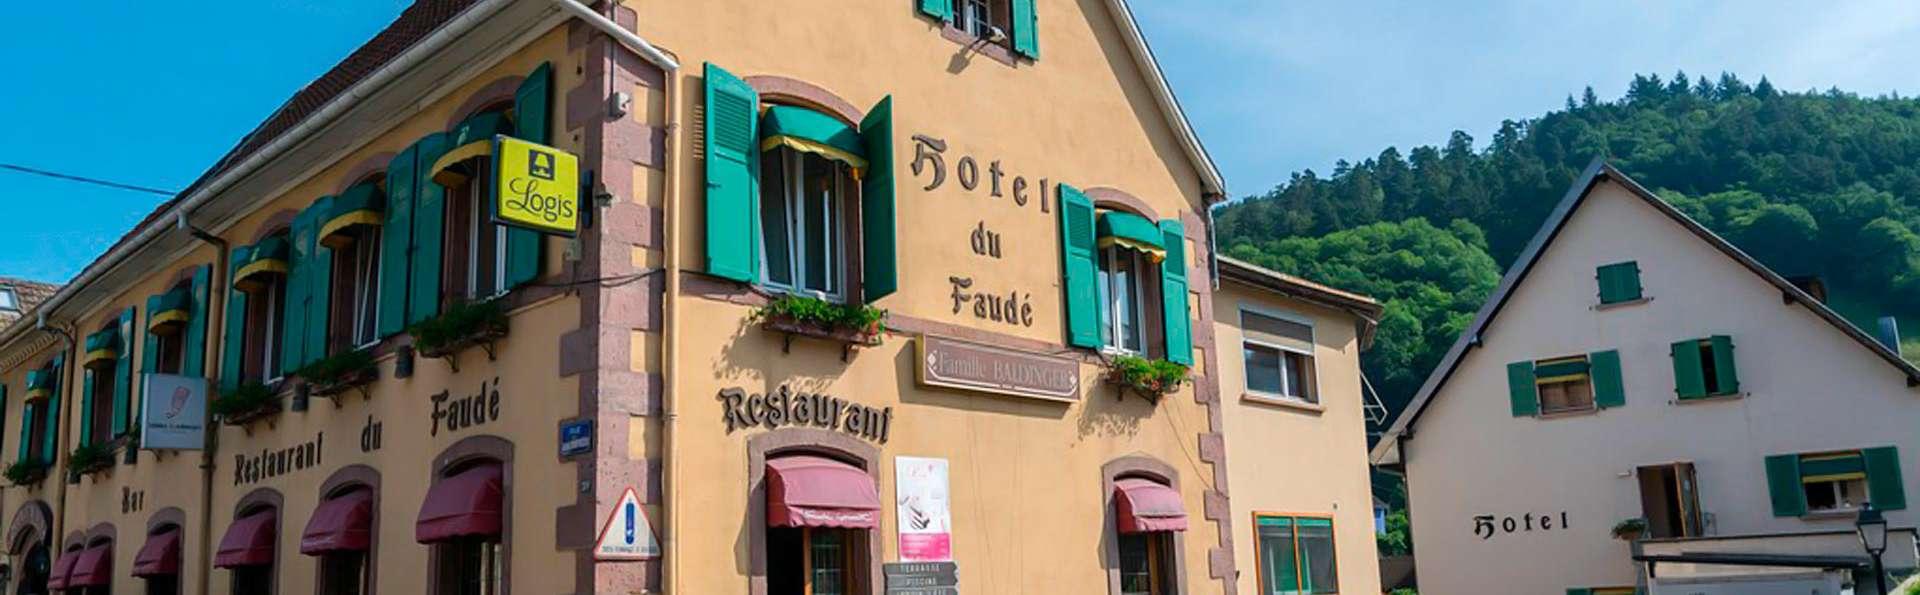 Hôtel de charme avec espace détente et dégustation de vins alsaciens